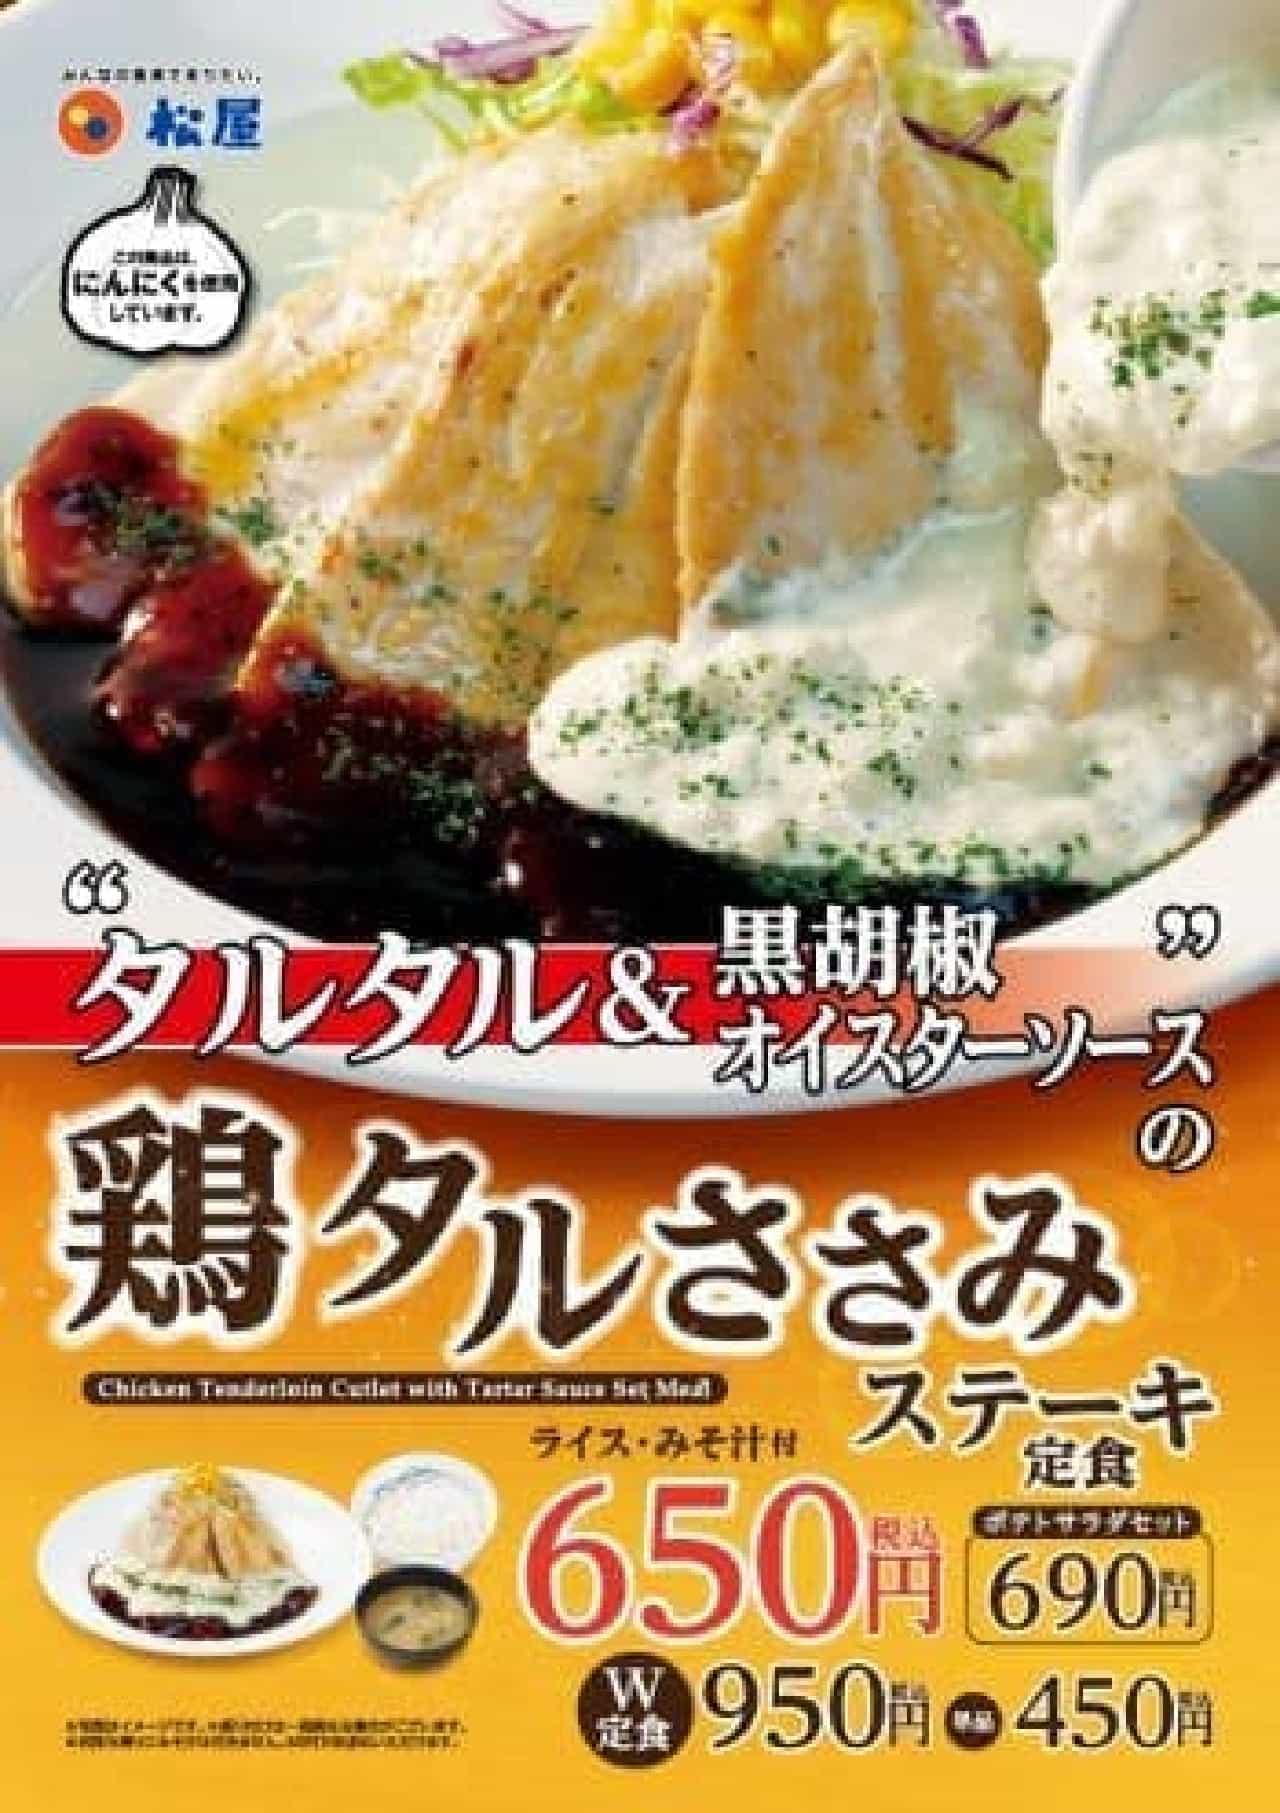 松屋「鶏タルささみステーキ定食」